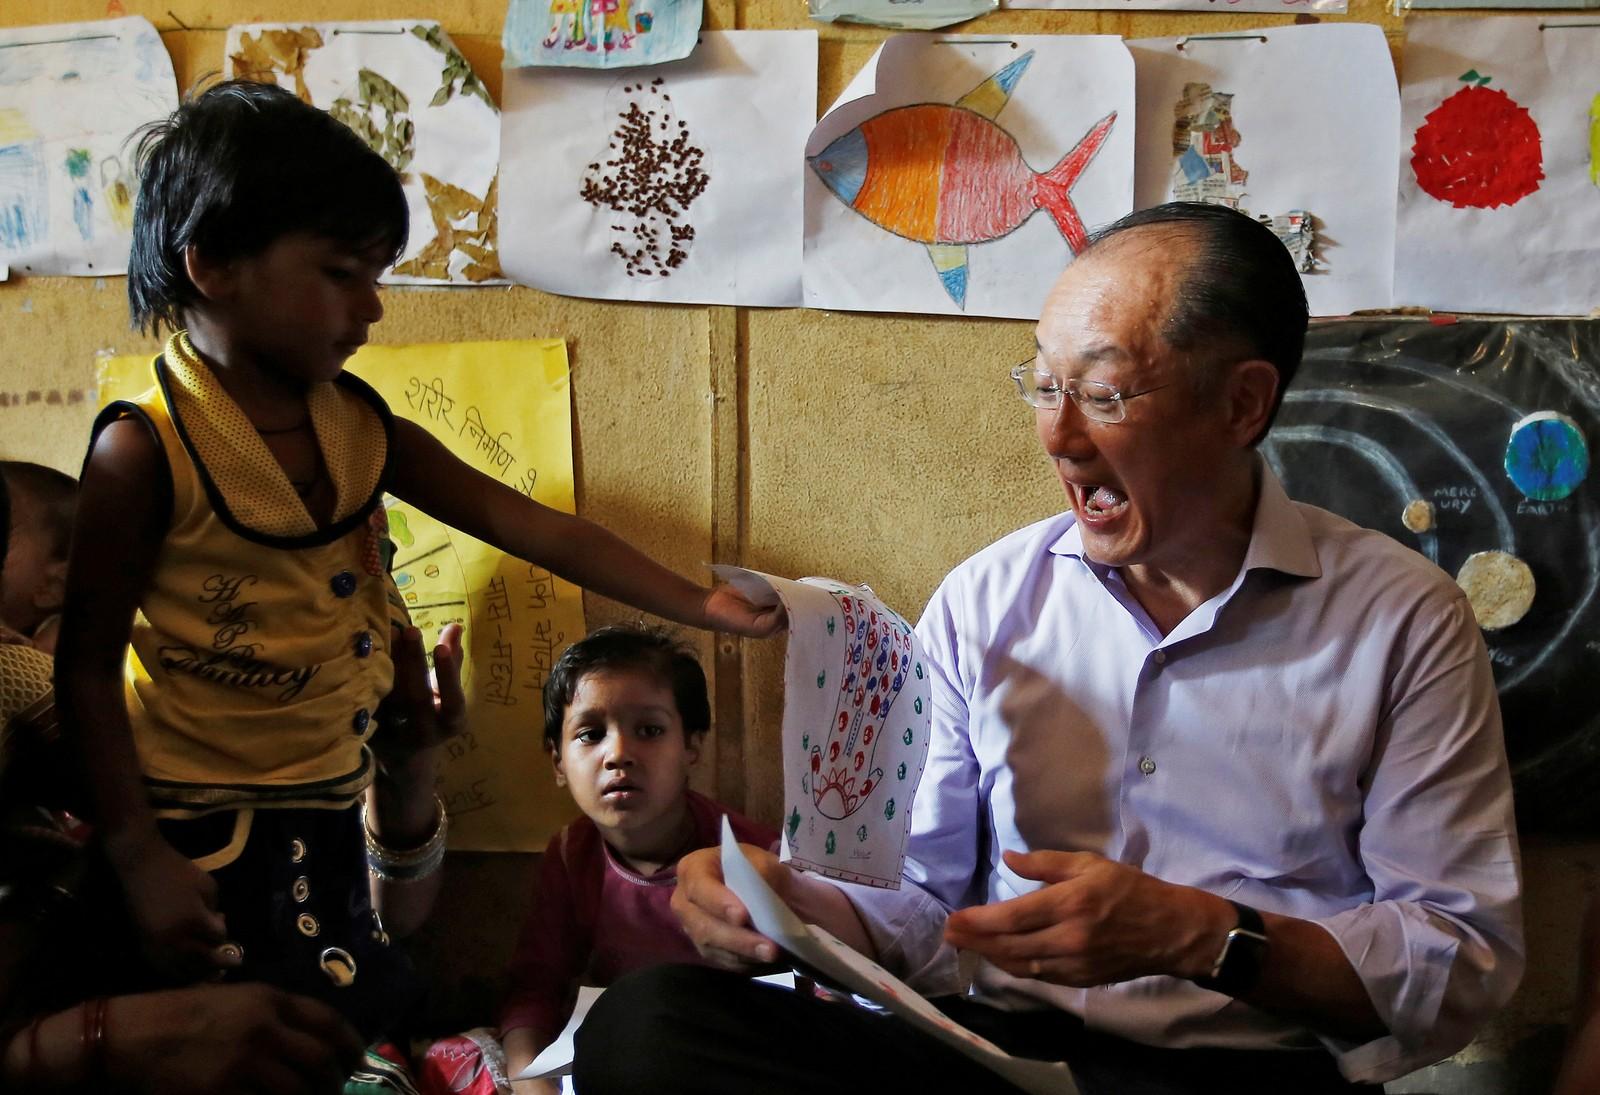 President i Verdensbanken, Jim Yong Kim, får en tegning av en liten jente under et besøk i New Dehli i India.